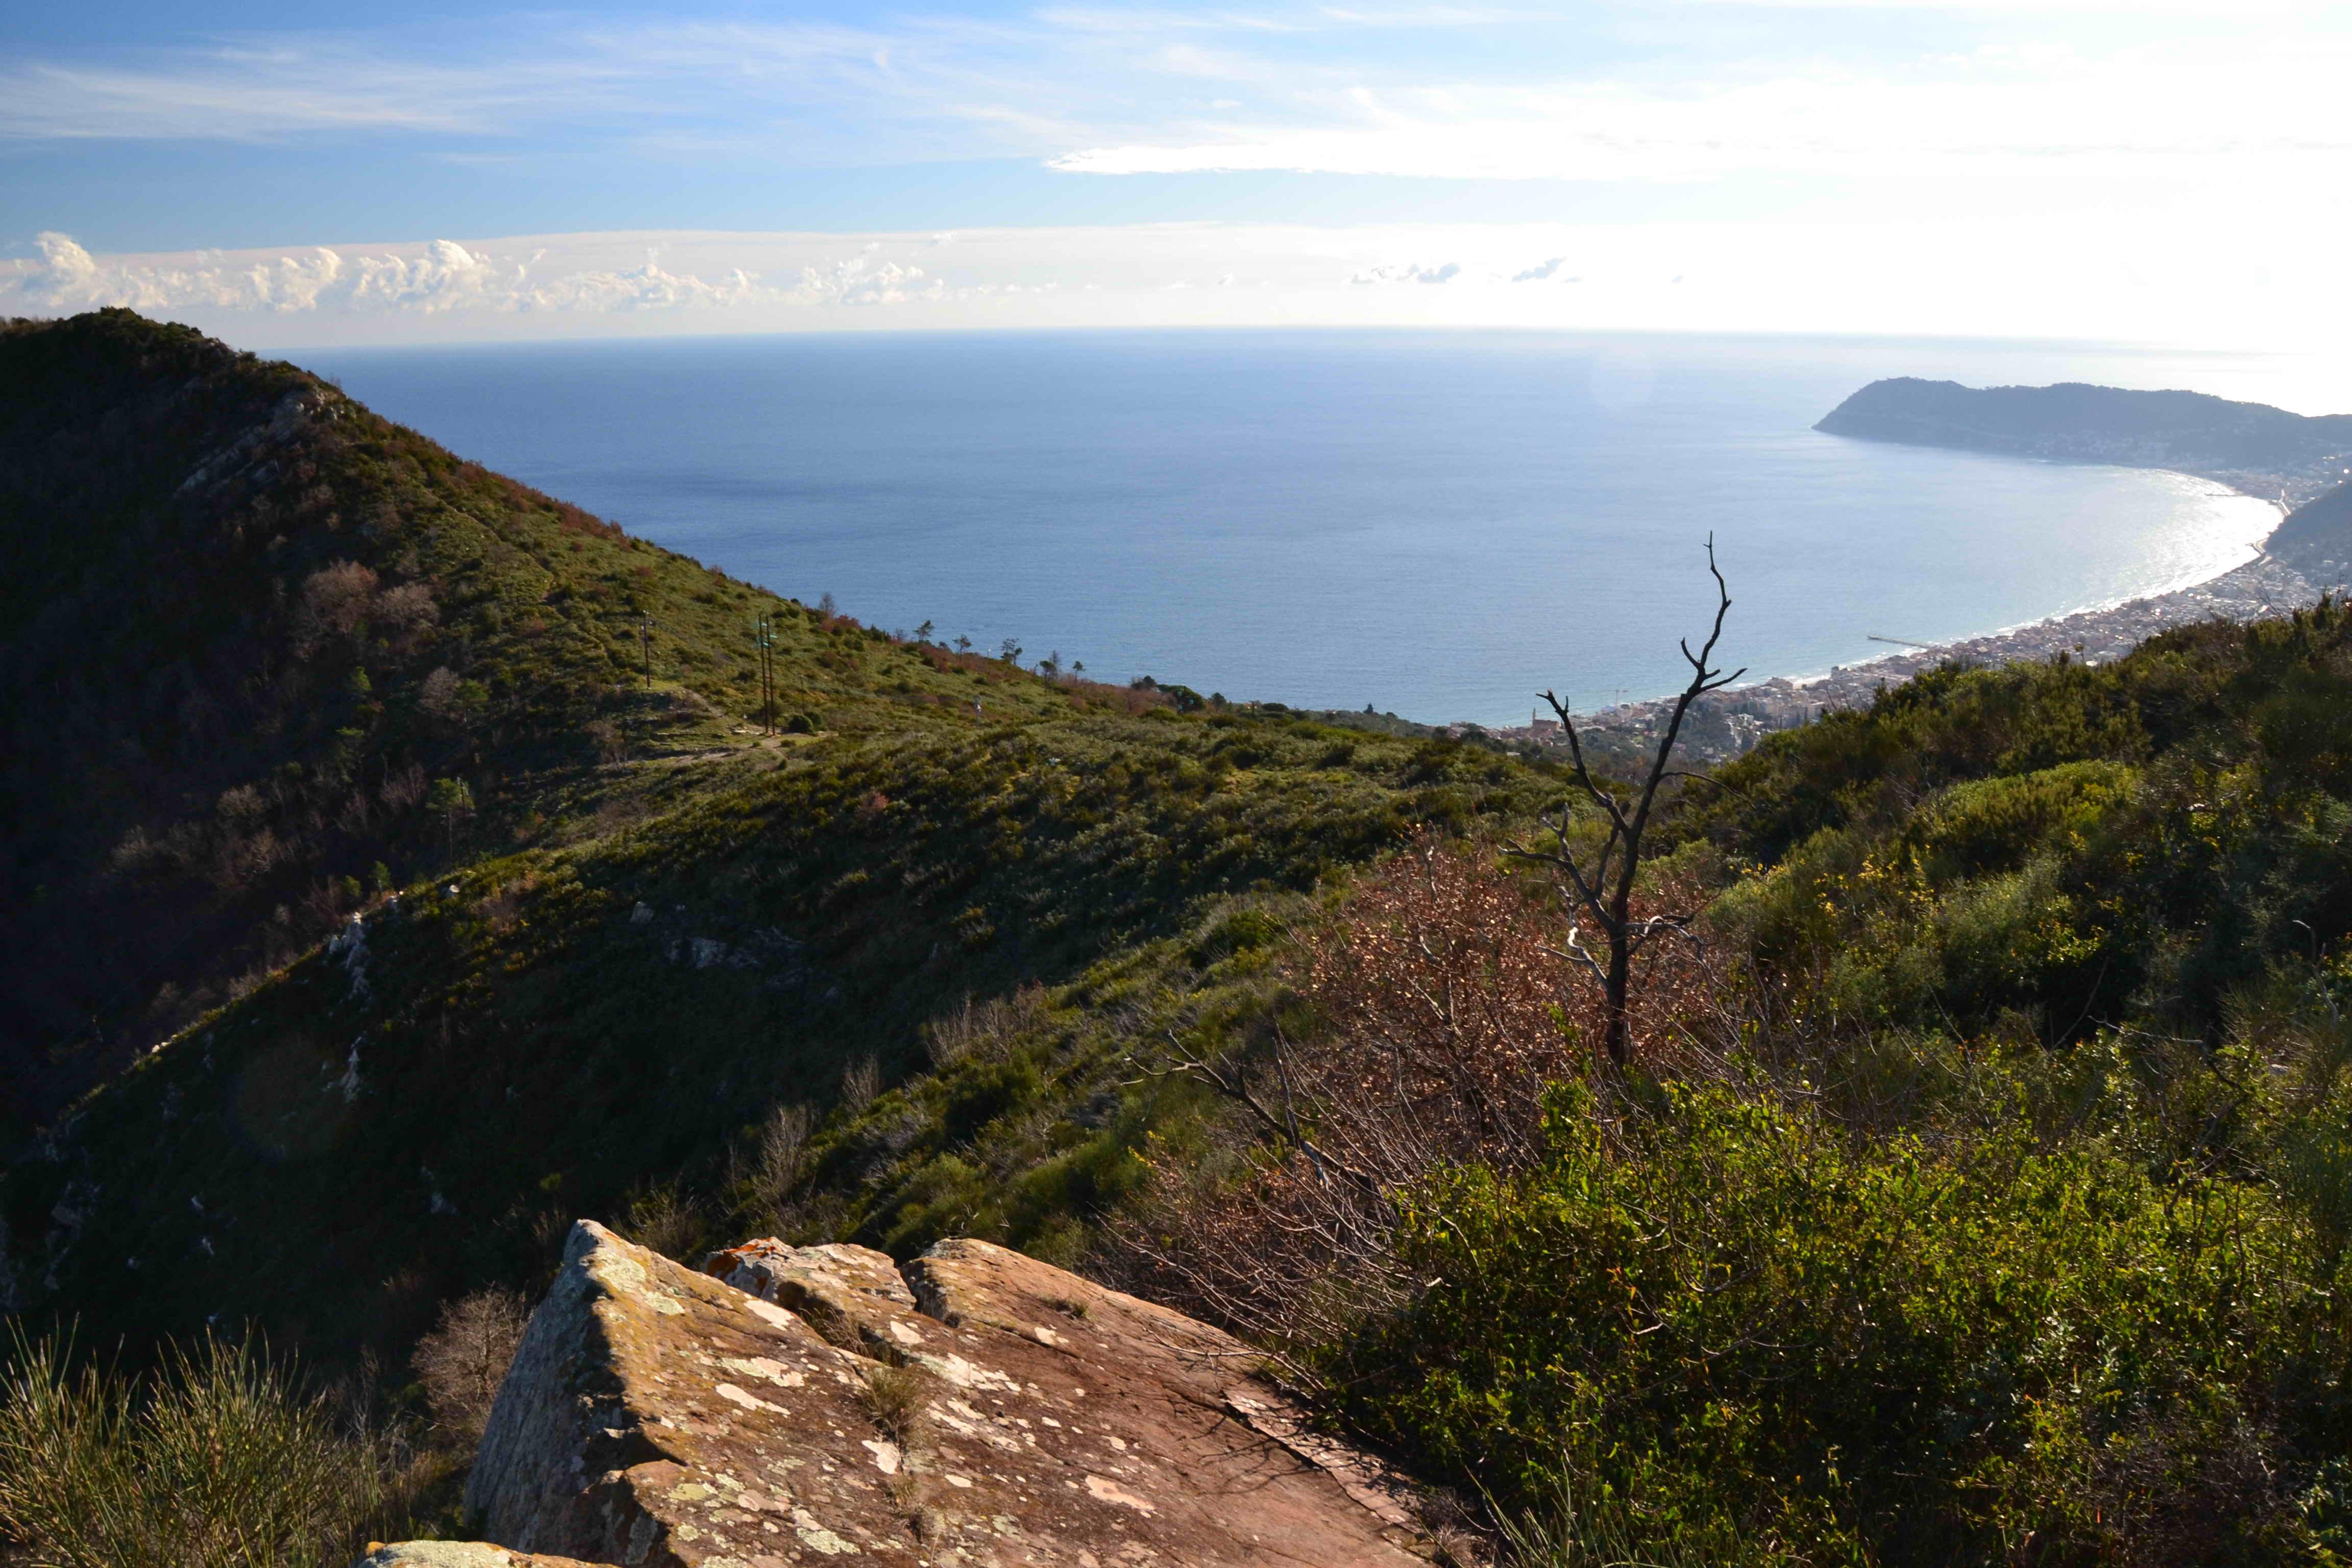 Alassio-Escursione ai monti della Baia del Sole